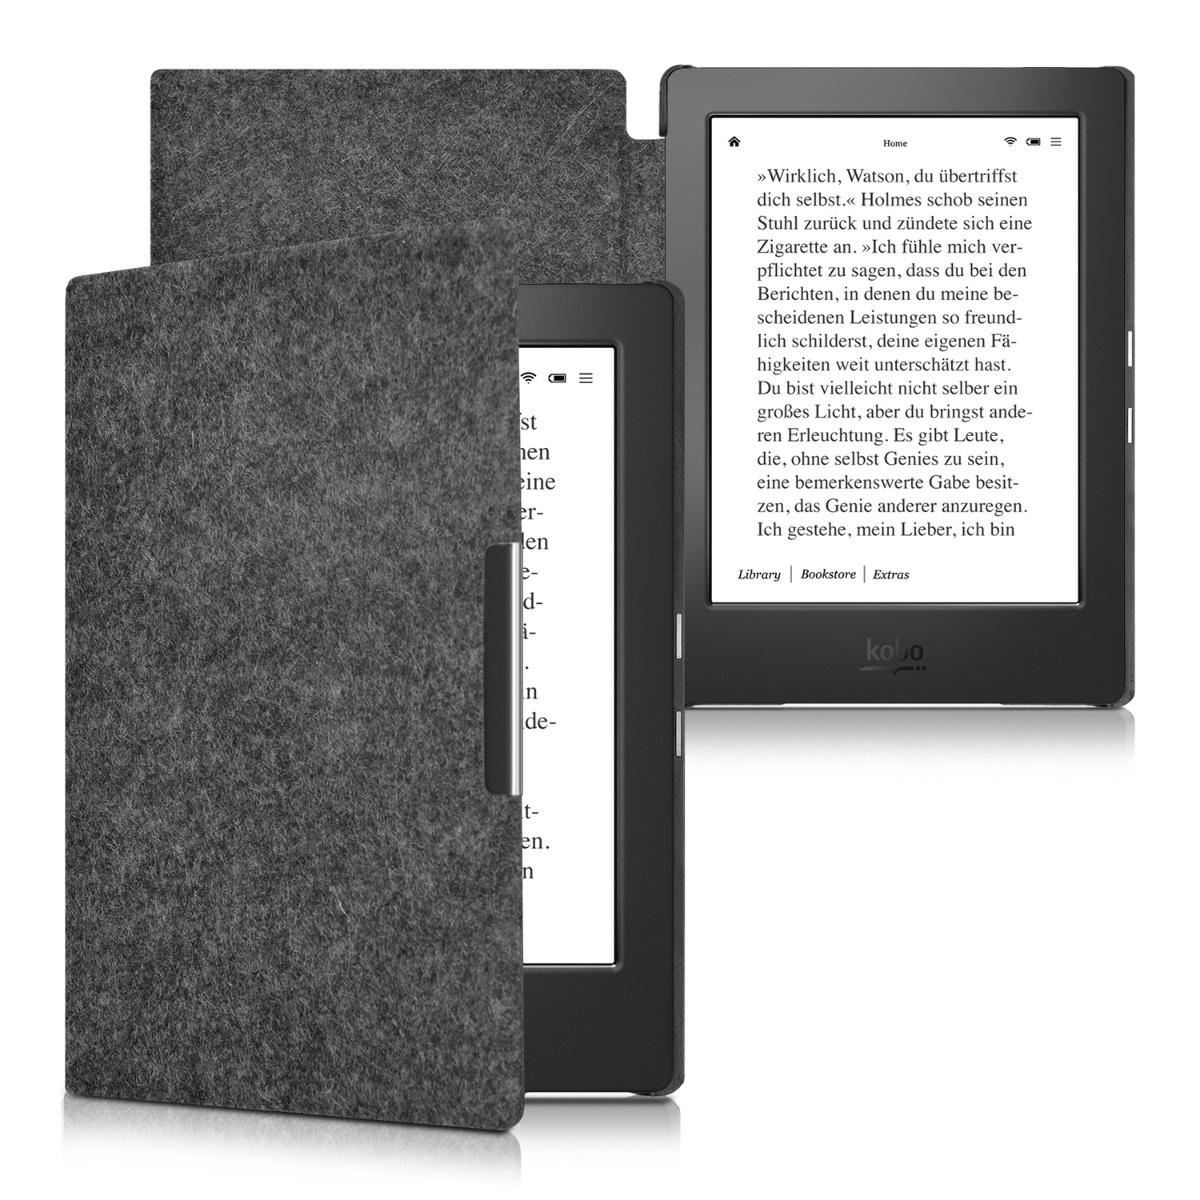 Kwmobile case for kobo aura h2o edition 1 e reader for Housse kobo aura h2o edition 2